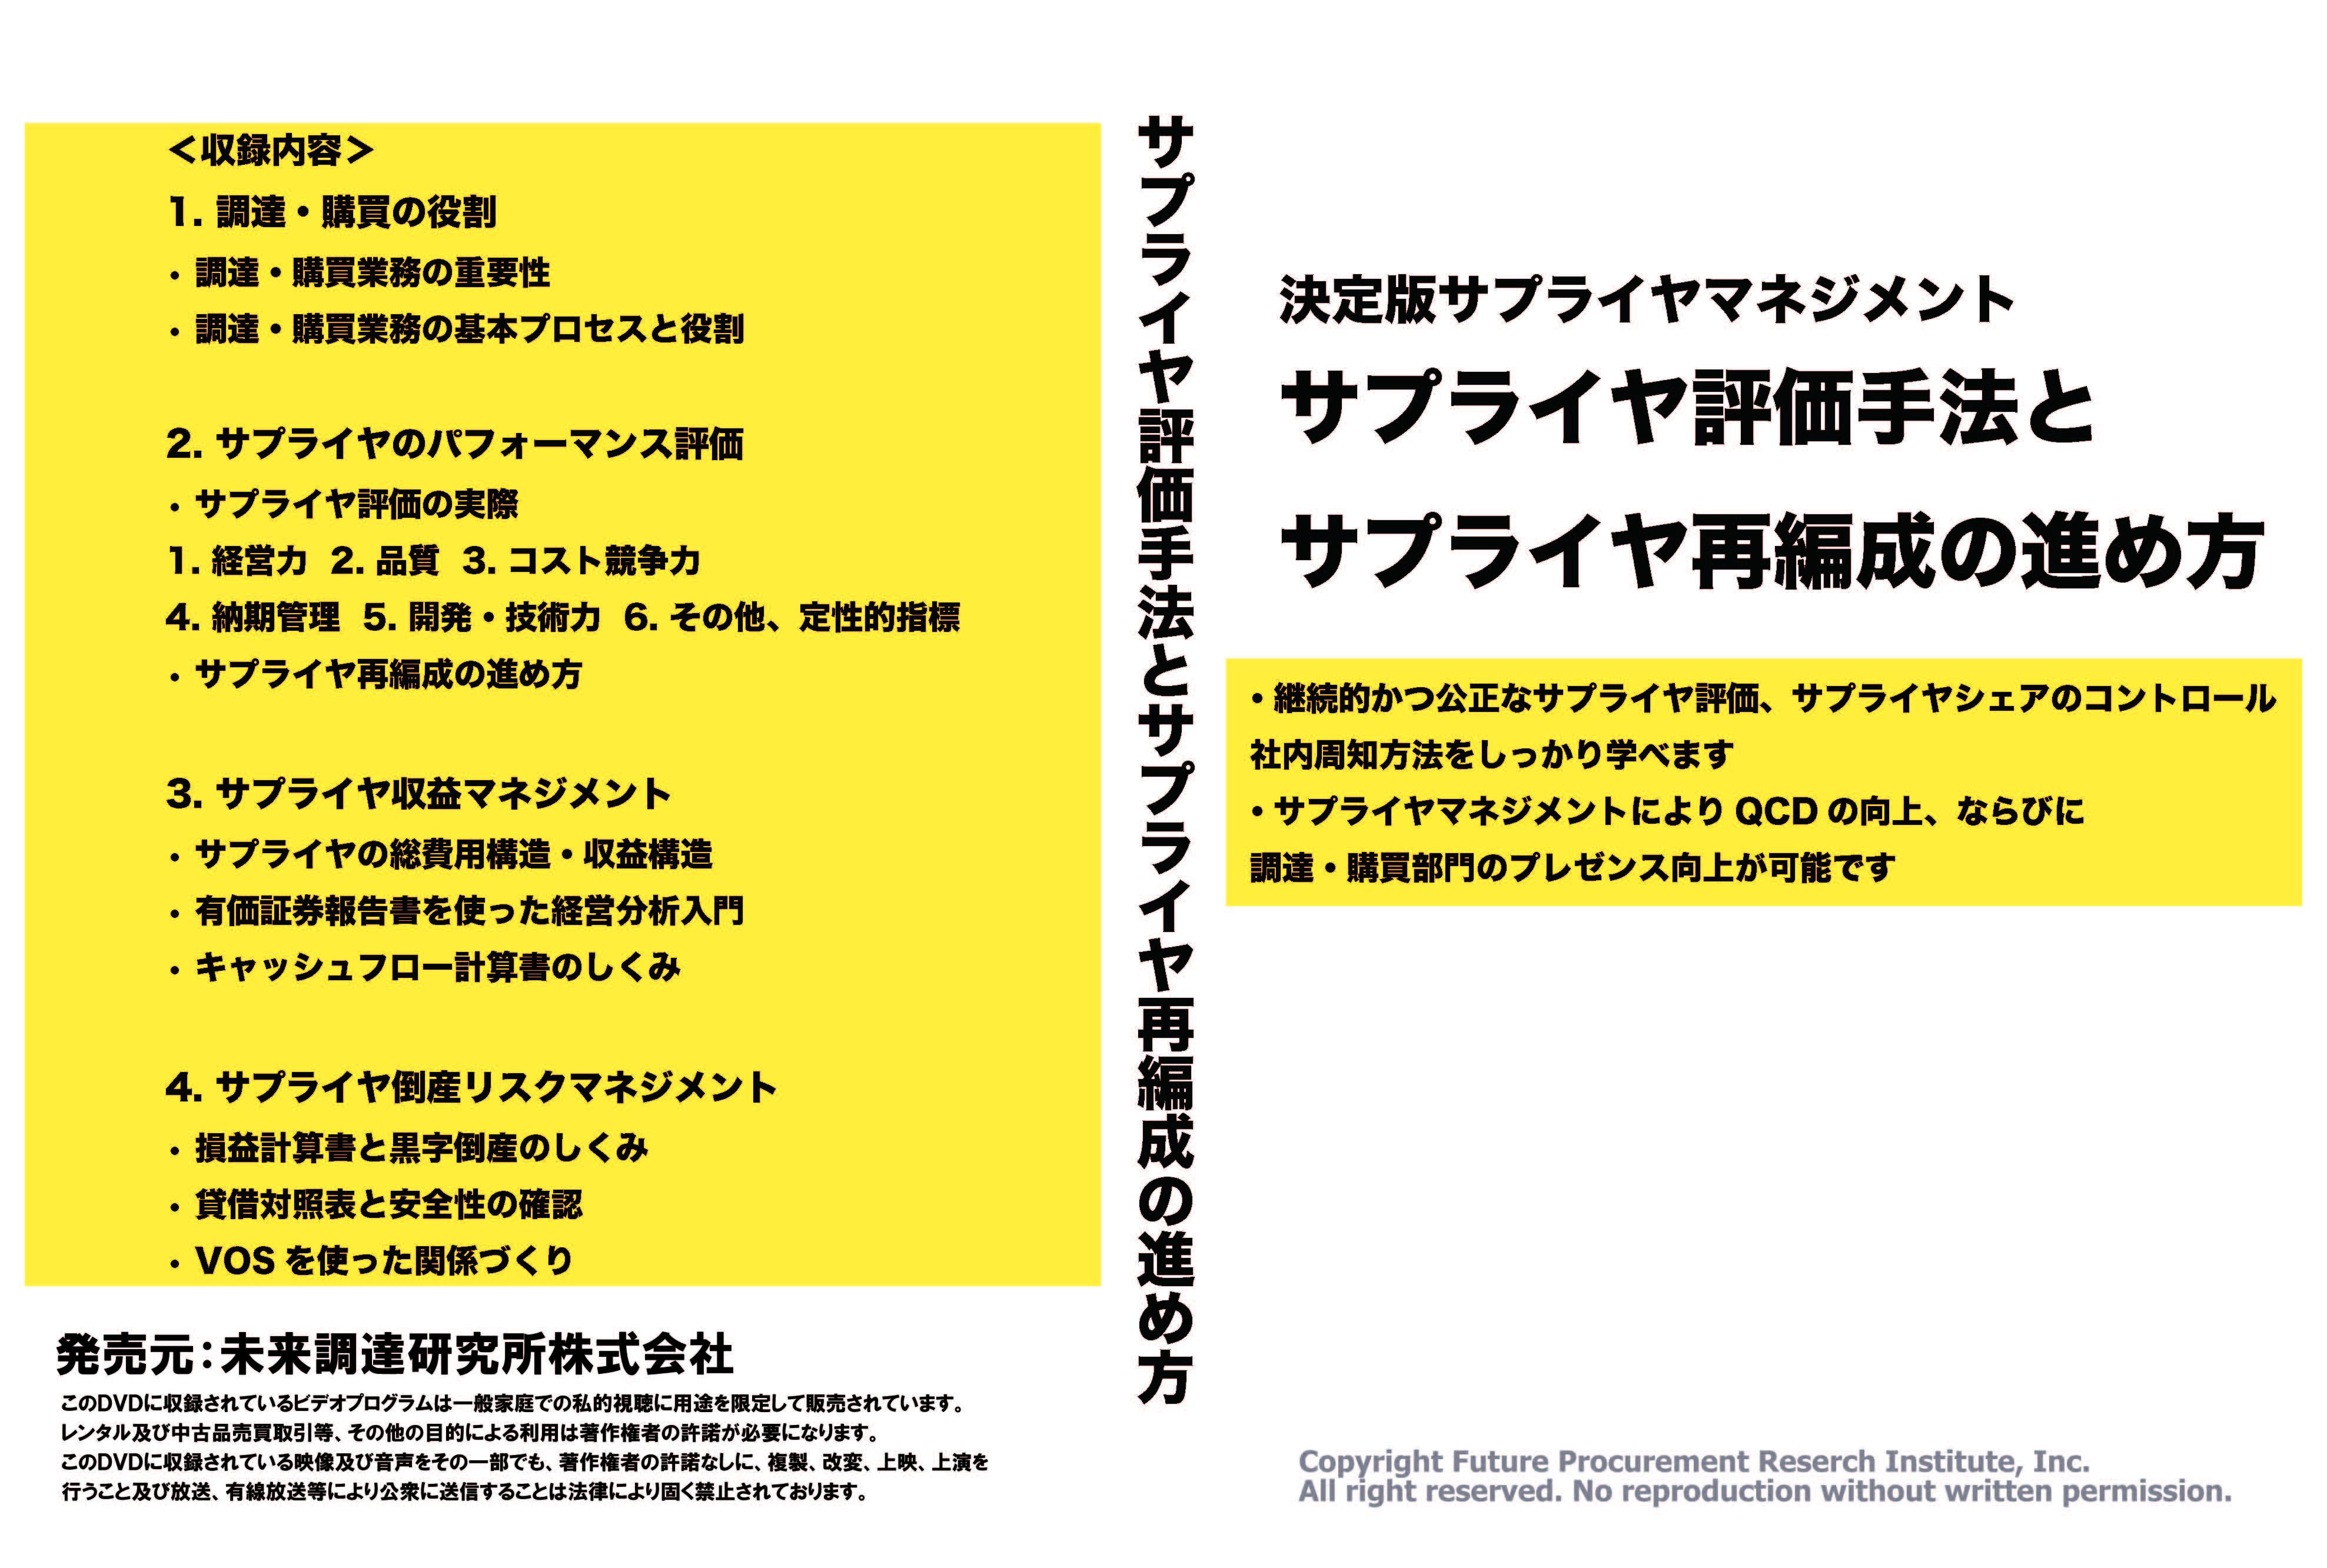 「サプライヤ評価手法とサプライヤ再編成の進め方」キット(DVD5枚組+テキスト)